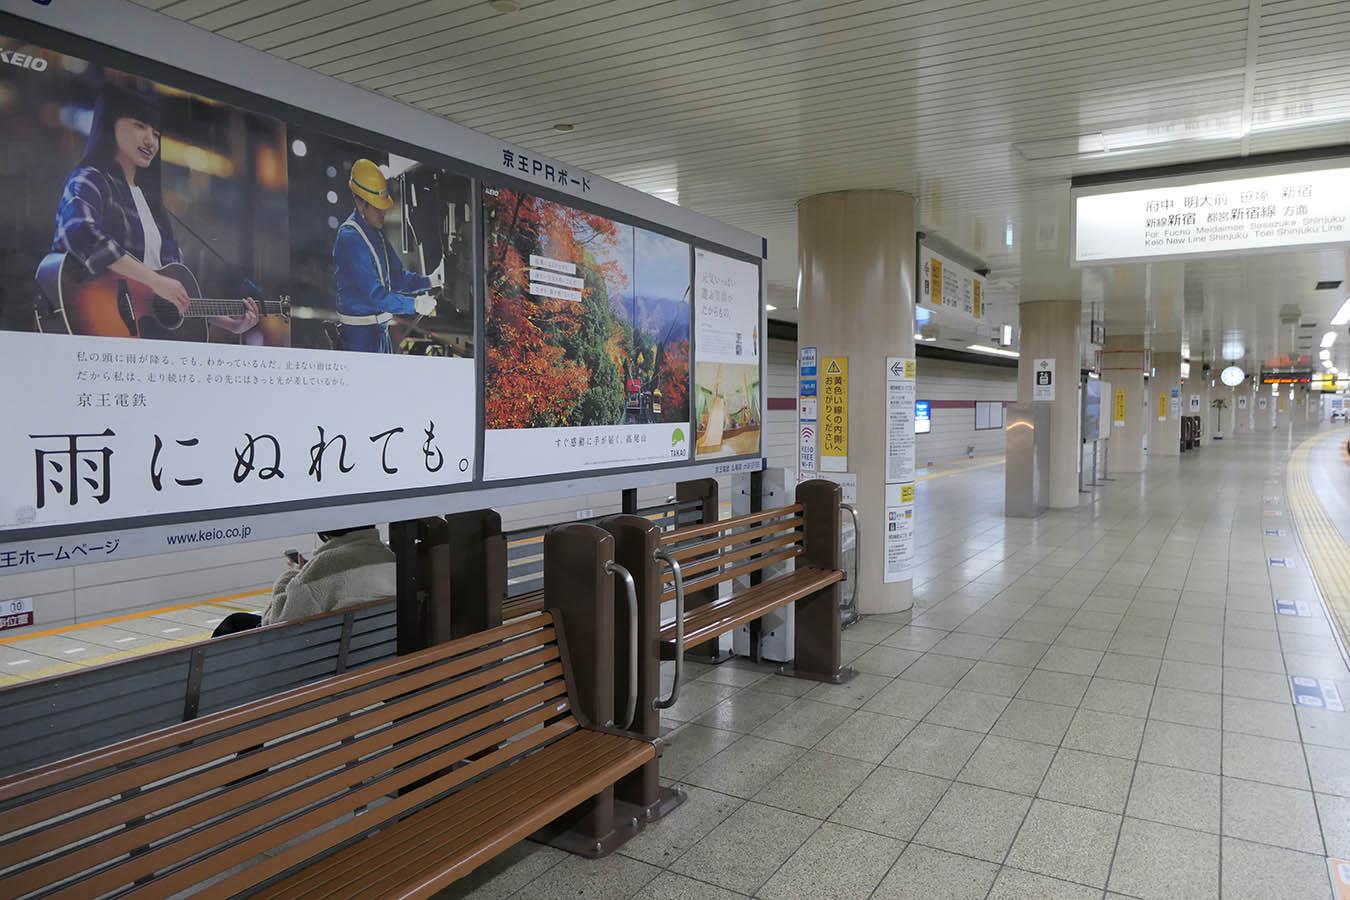 KO34_photo04.jpg